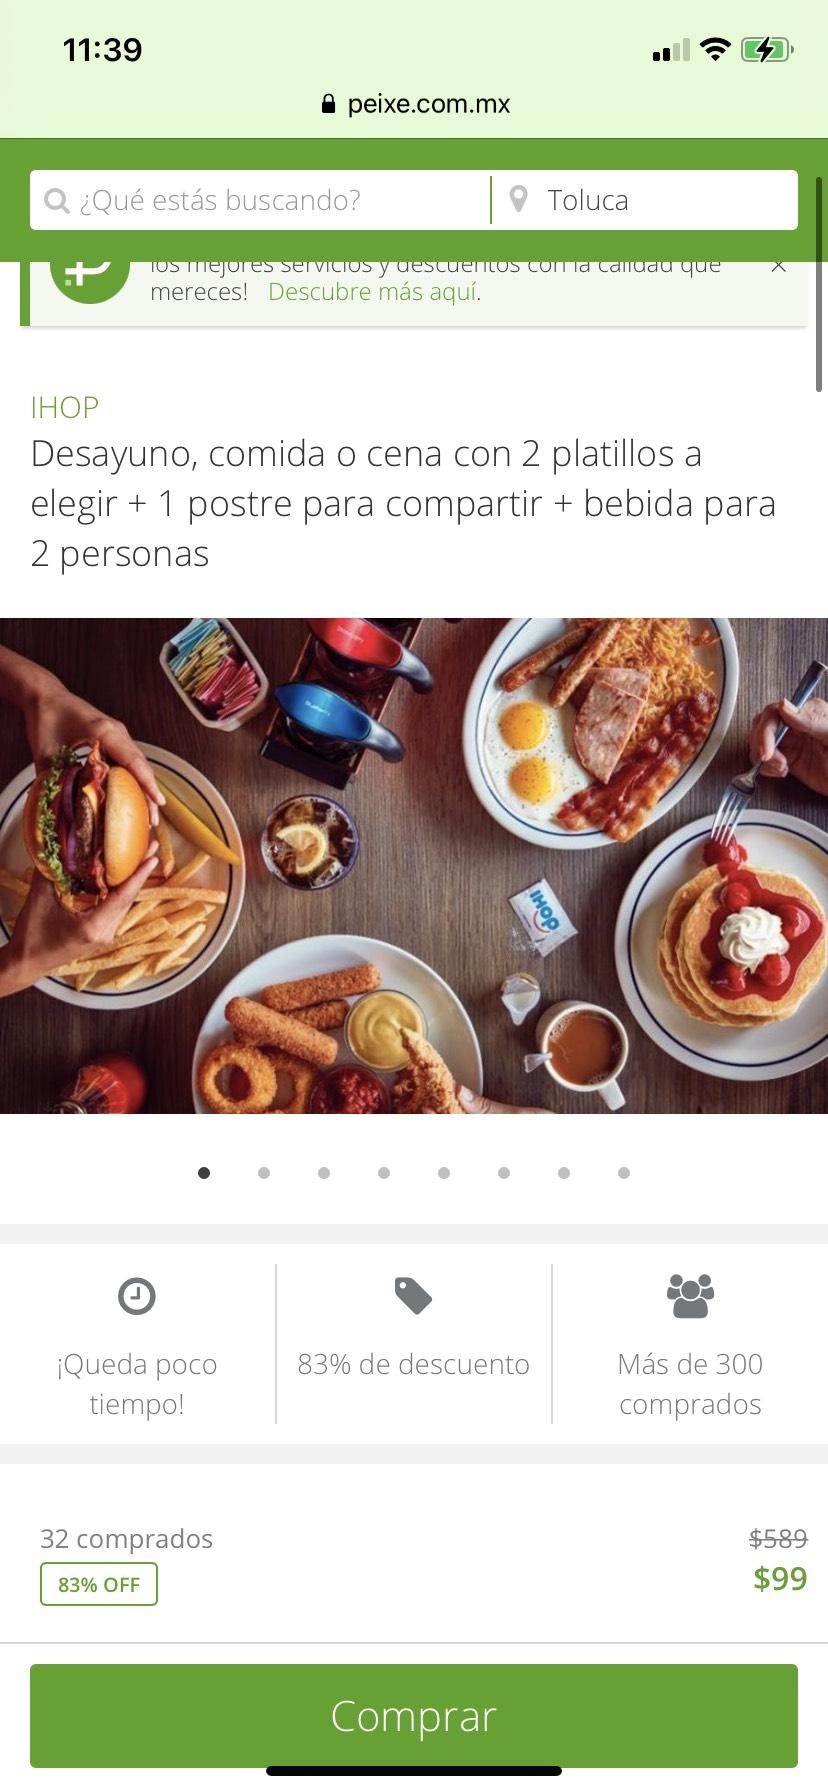 Groupon / Peixe: Ihop $99 por 2 platos fuertes a elegir + 1 postre +2 bebidas